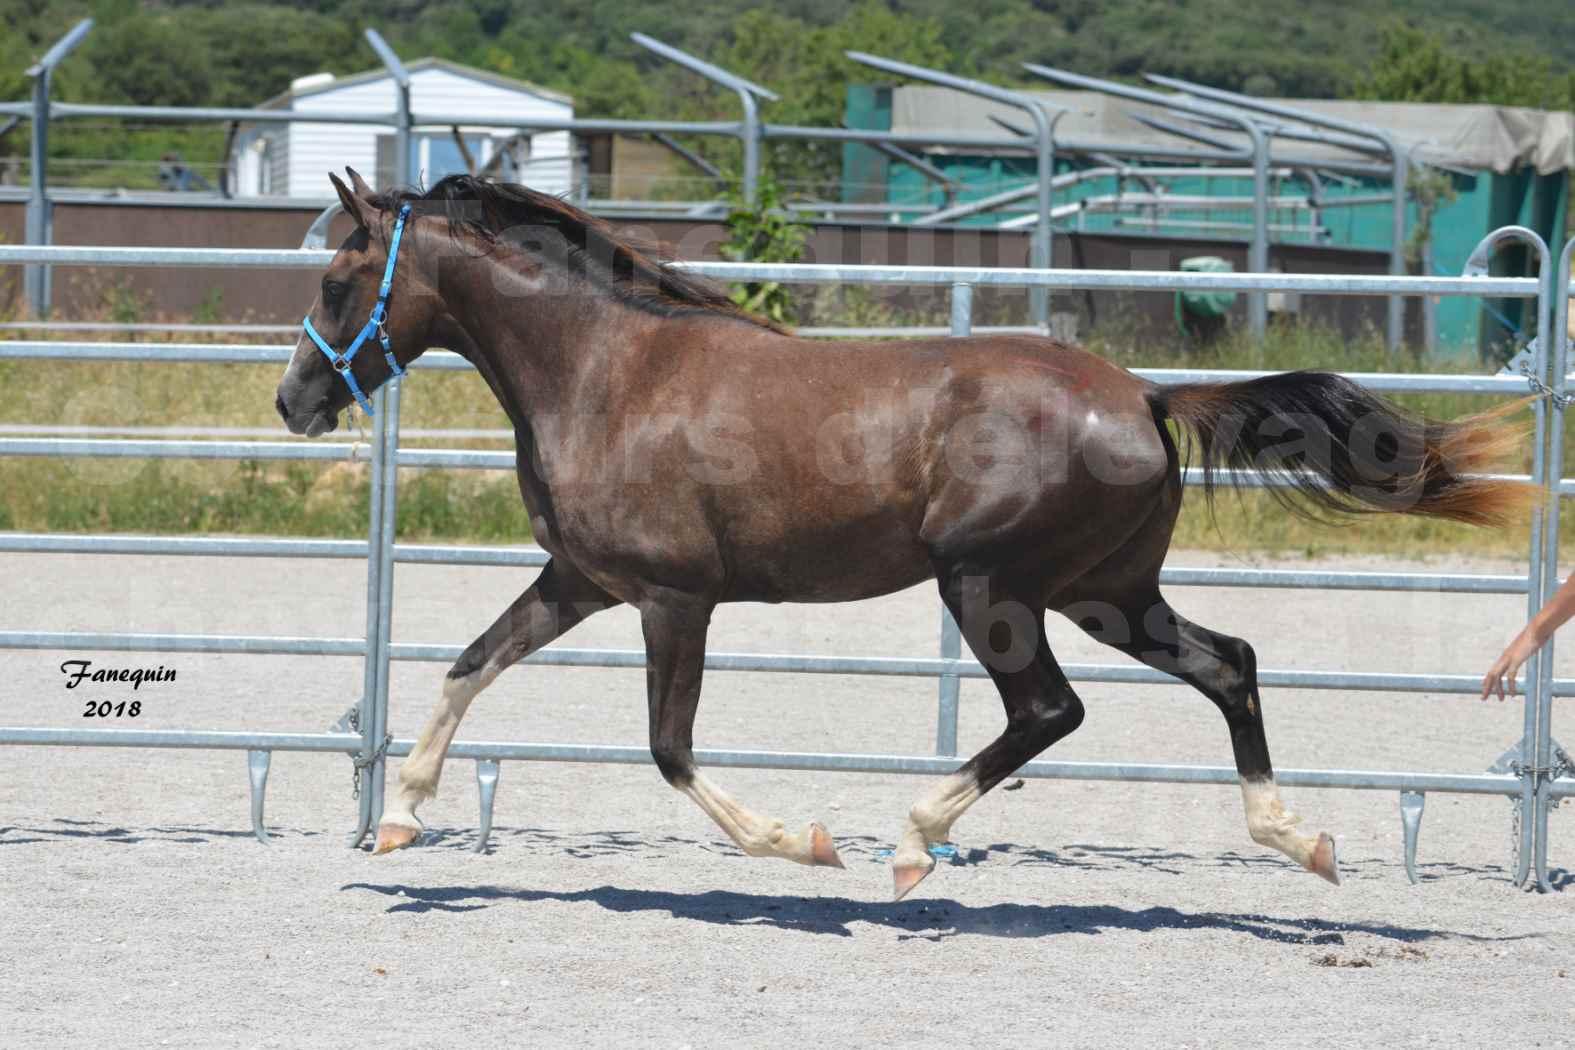 Concours d'Elevage de chevaux Arabes  le 27 juin 2018 à la BOISSIERE - GALICIA D'ALAUZE - 09